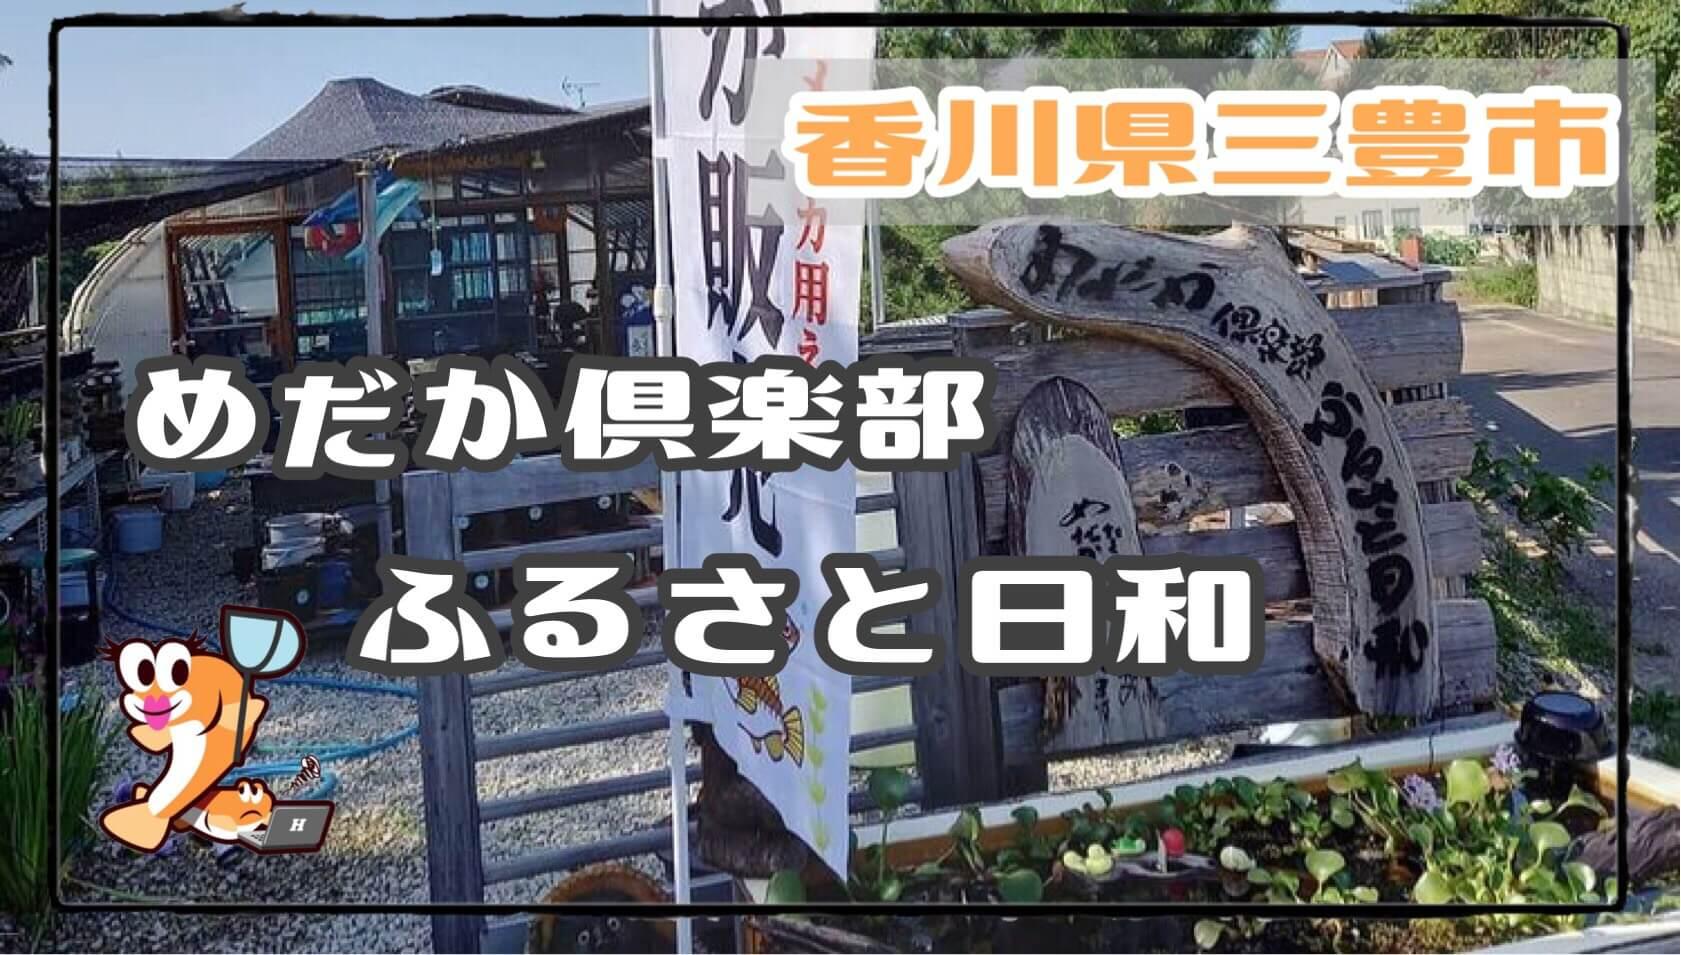 香川県のメダカ販売店のアイキャッチ